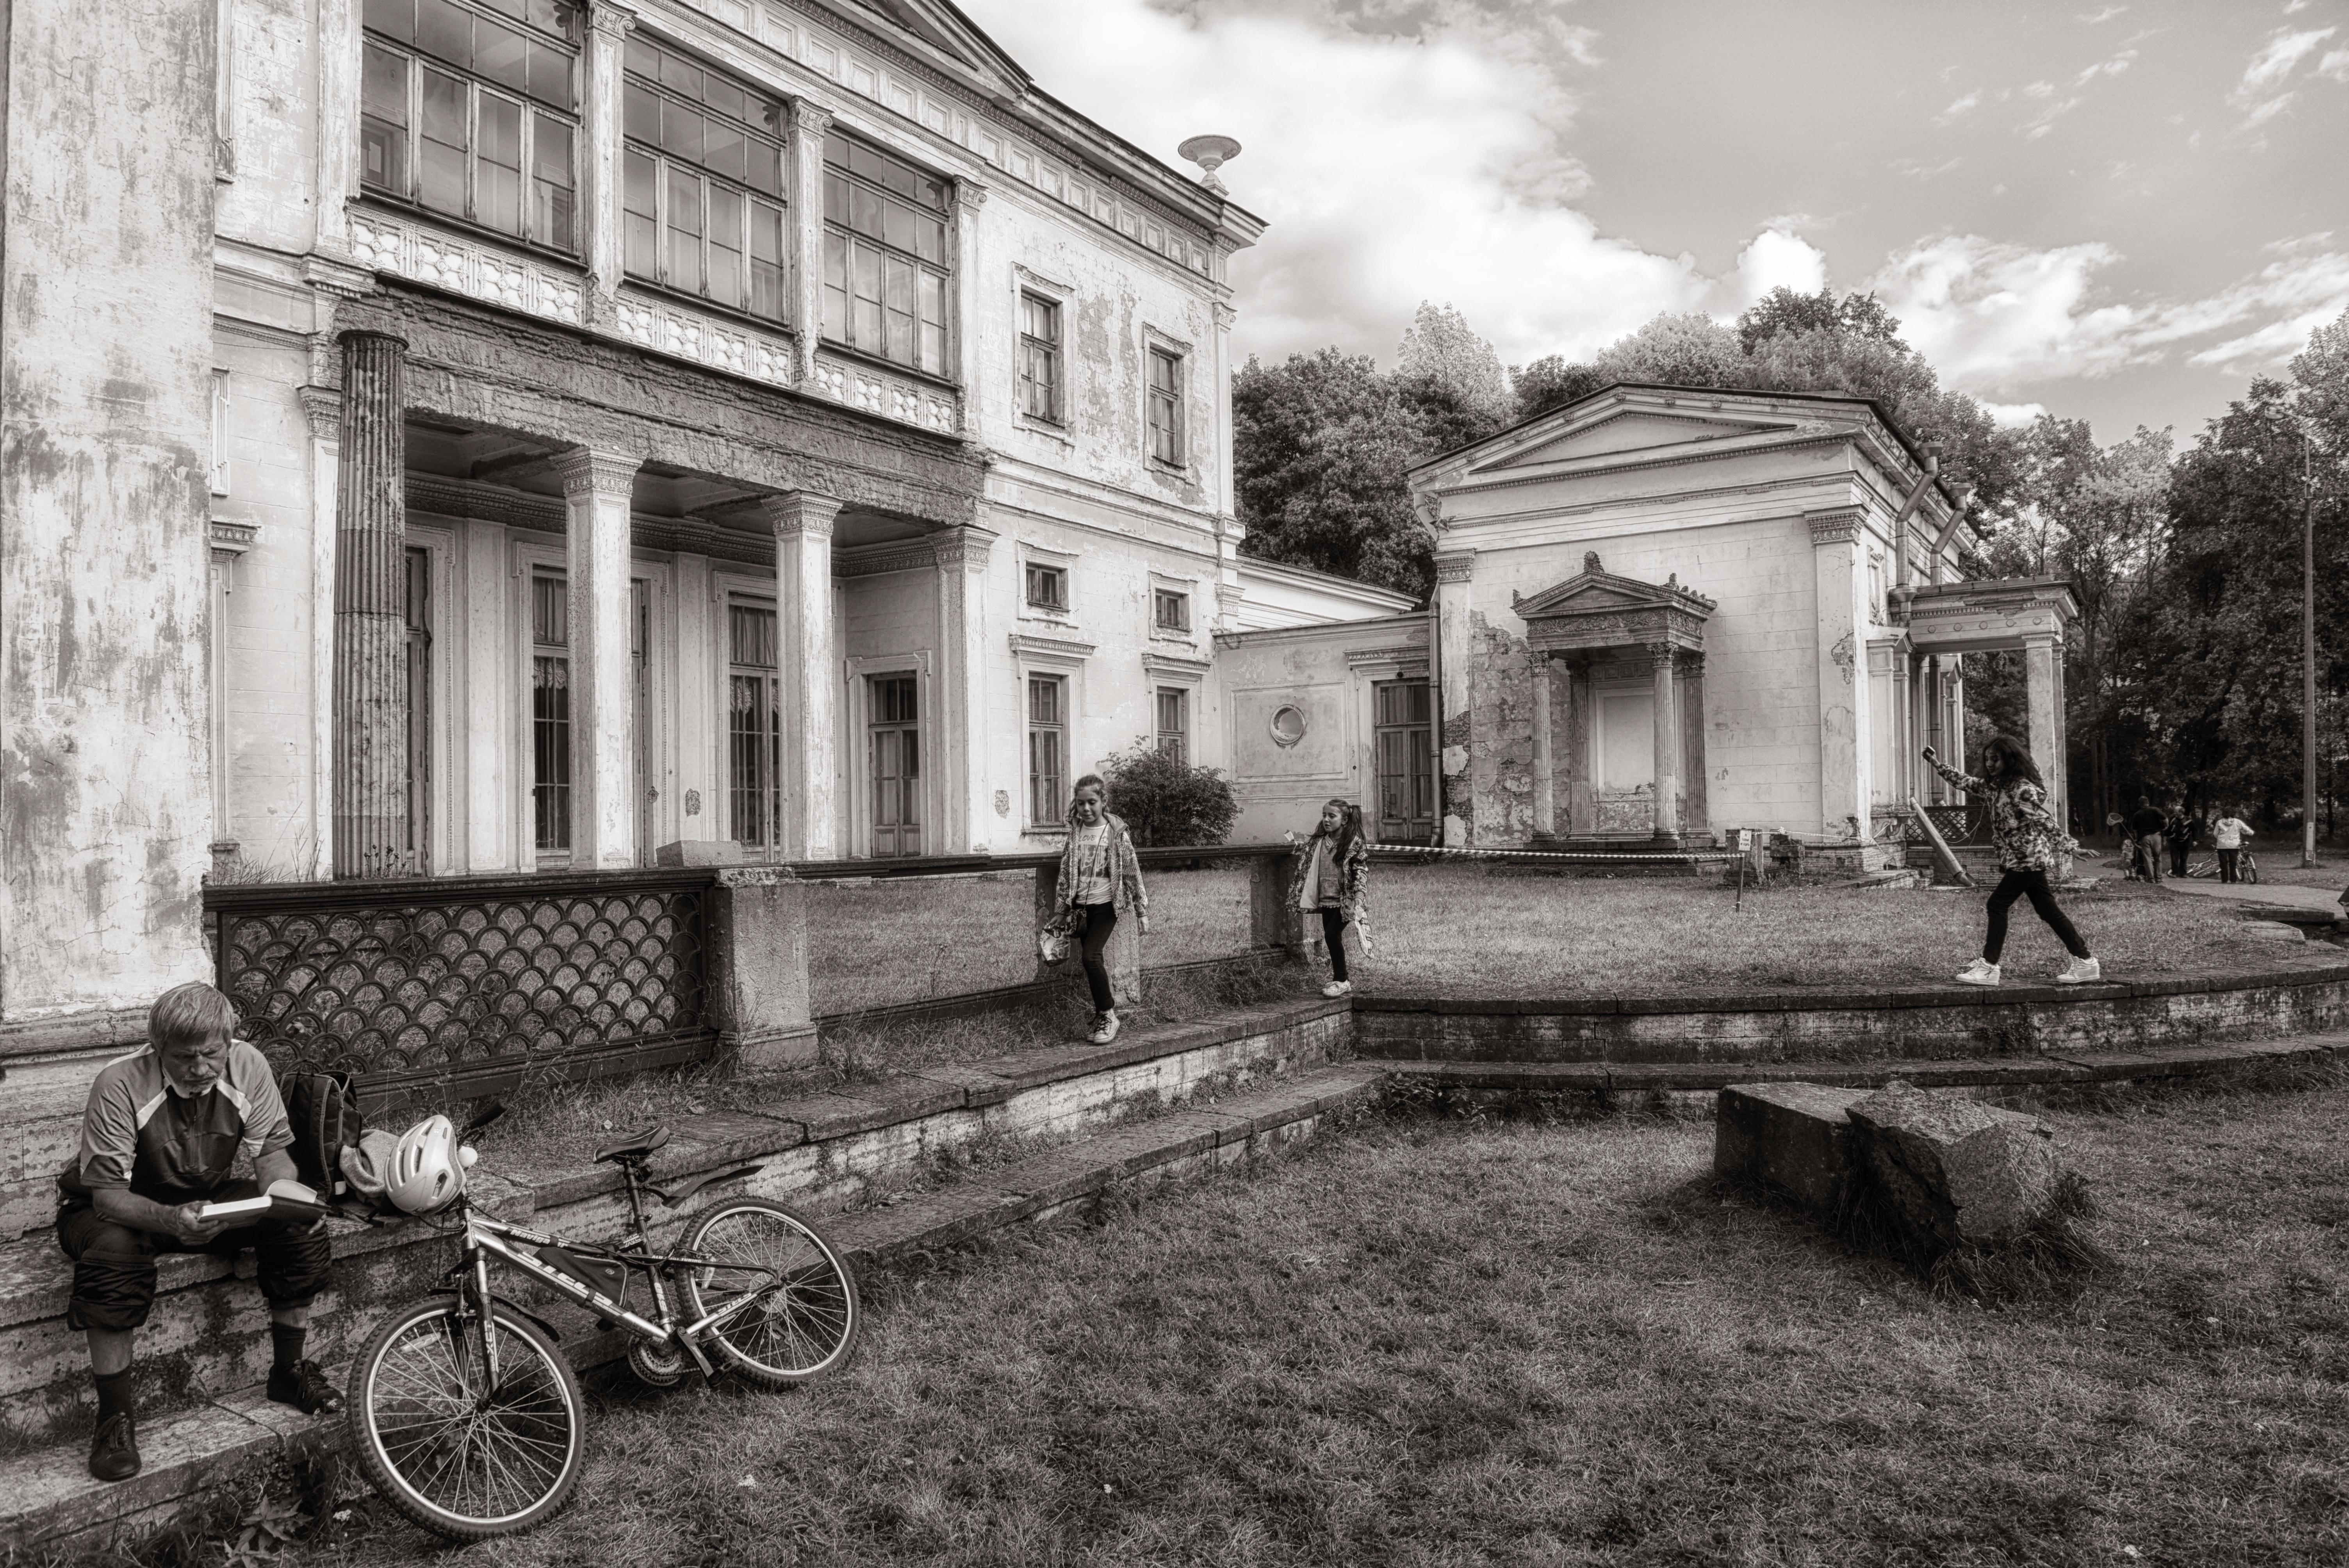 Сергиевка - Петергоф - сентябрь 2015